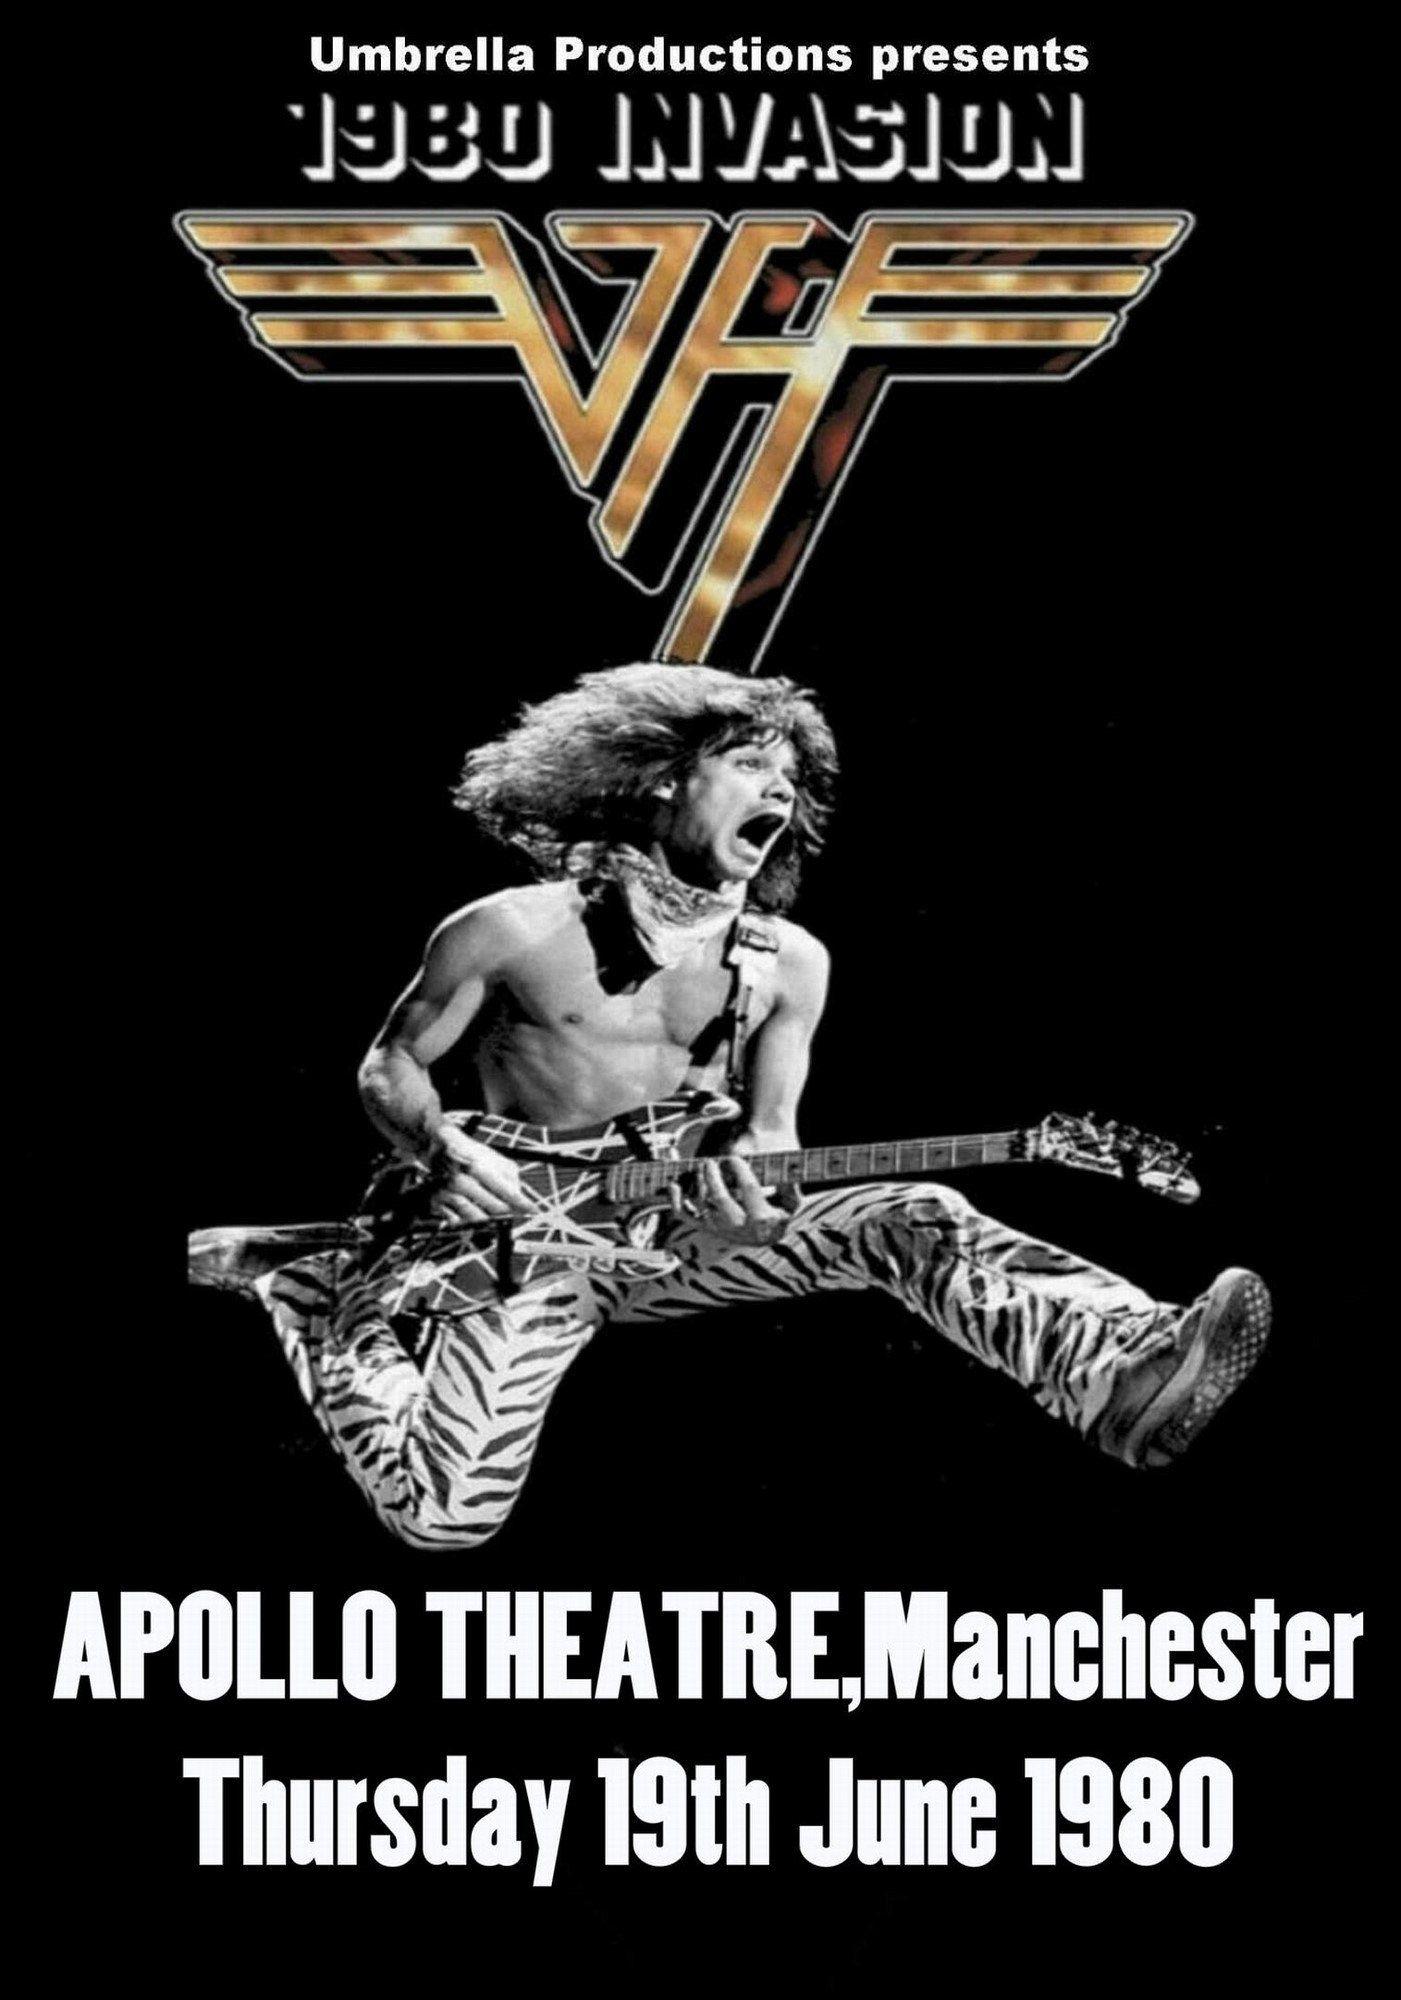 Van Halen Vintage Poster Apollo Theatre Manchester Uk 1980 Van Halen Concert Concert Posters Van Halen